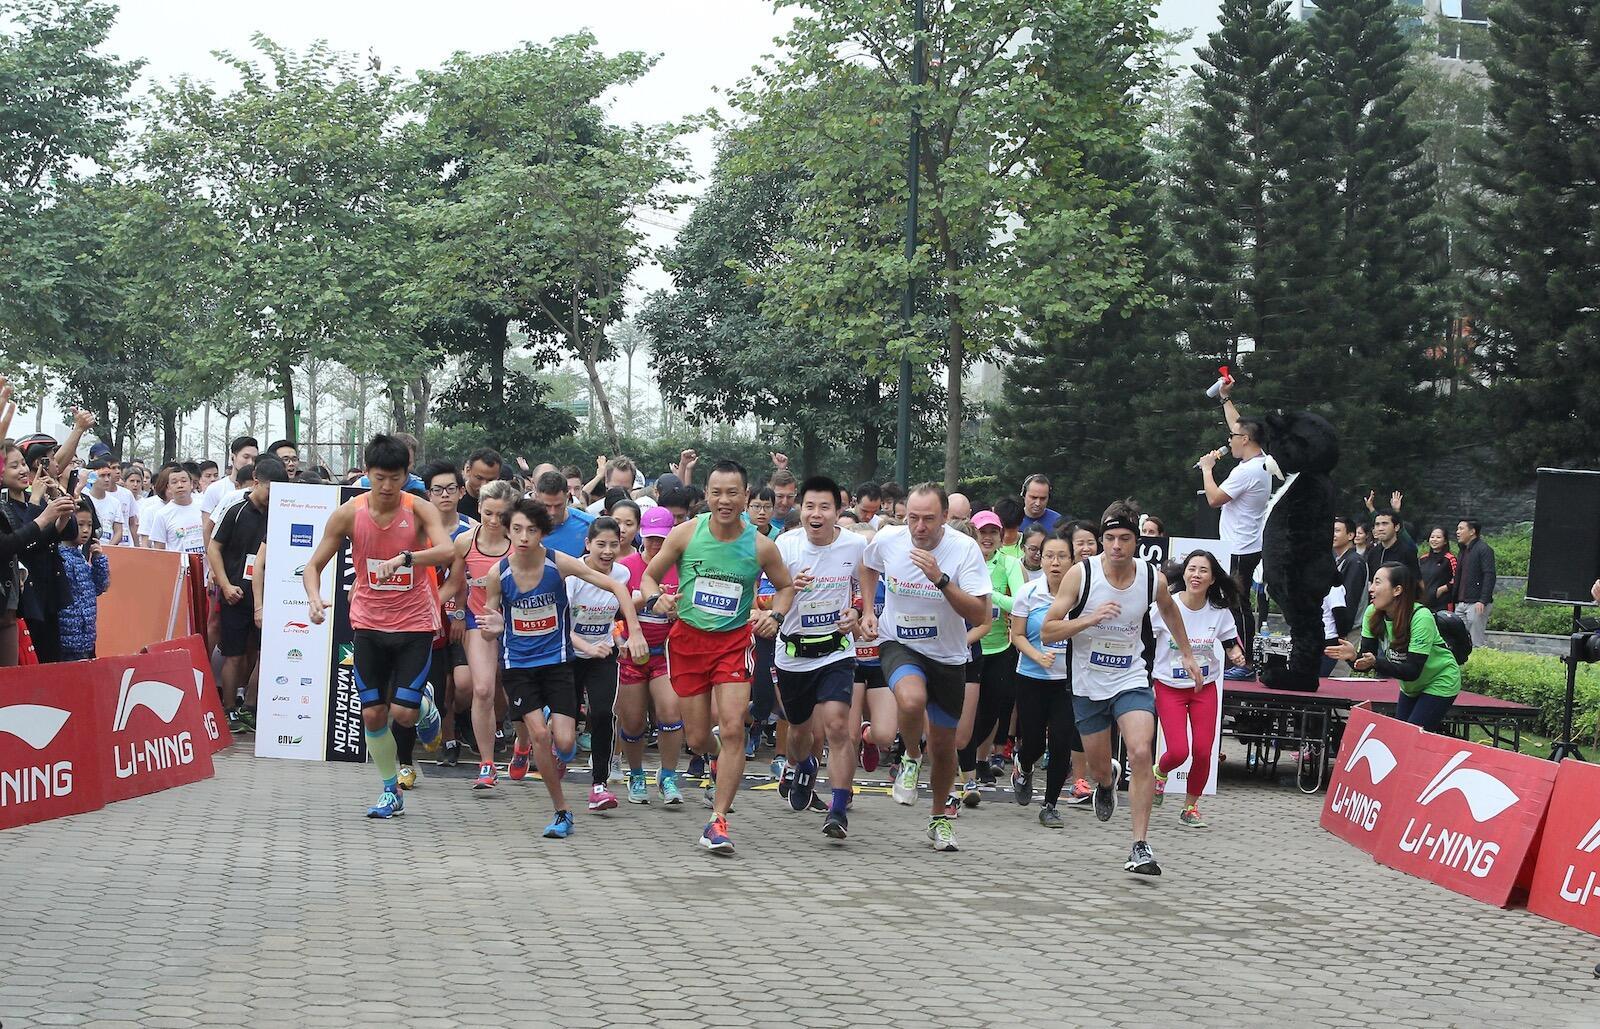 [QC] Li-Ning đồng hành cùng Hanoi Half Marathon 2017